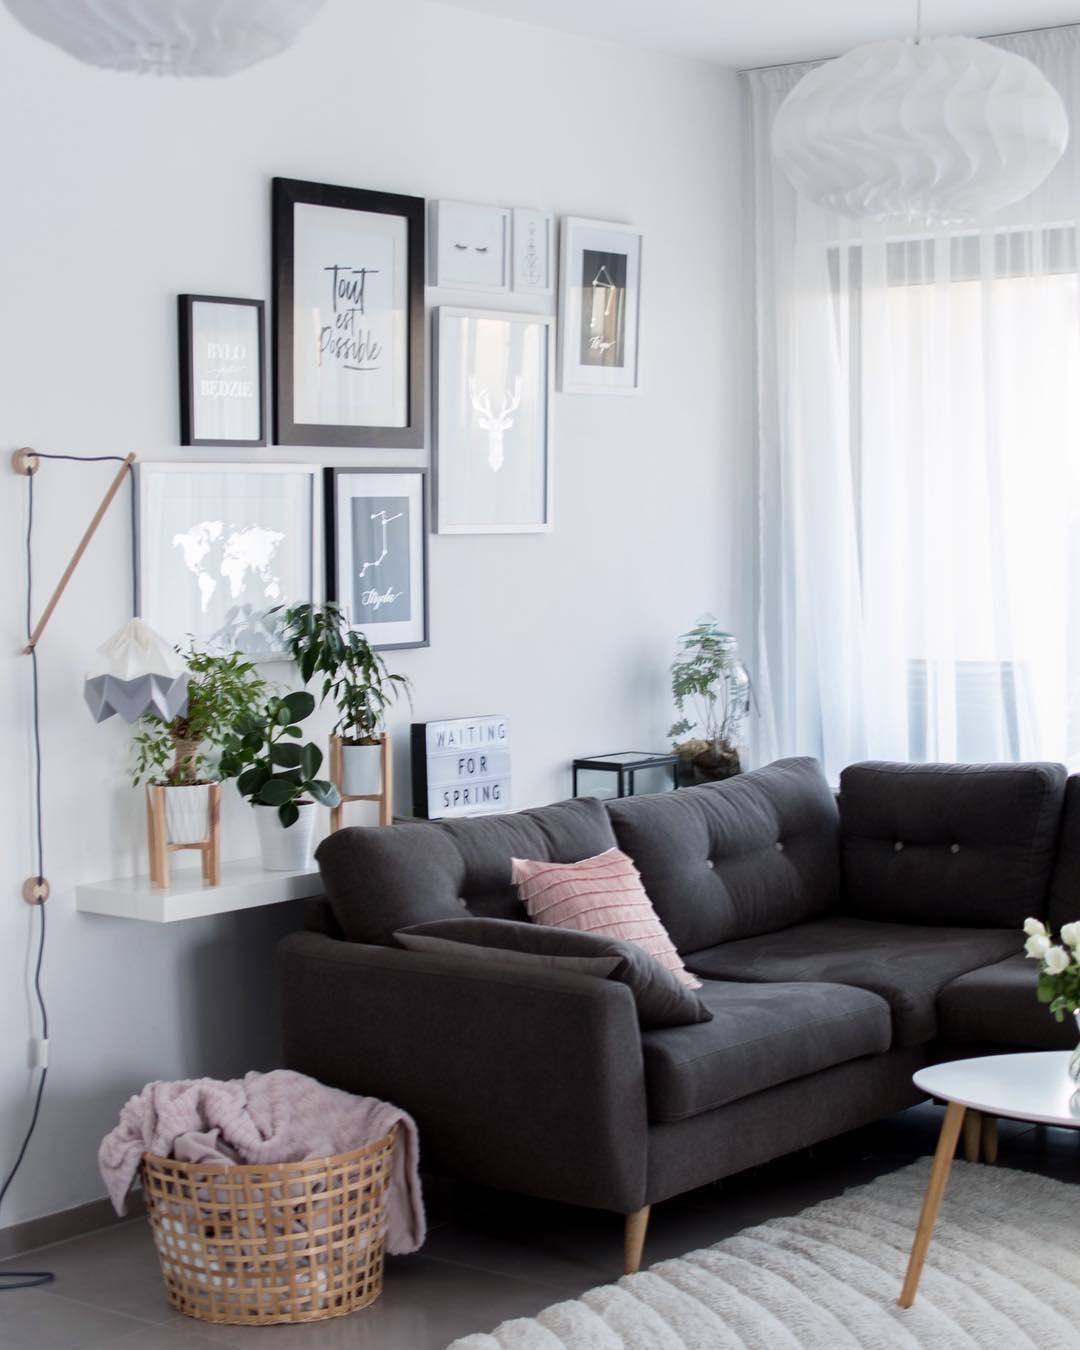 Dieses wohnzimmer ist ein wahr gewordener scandi traum ein gemütliches sofa